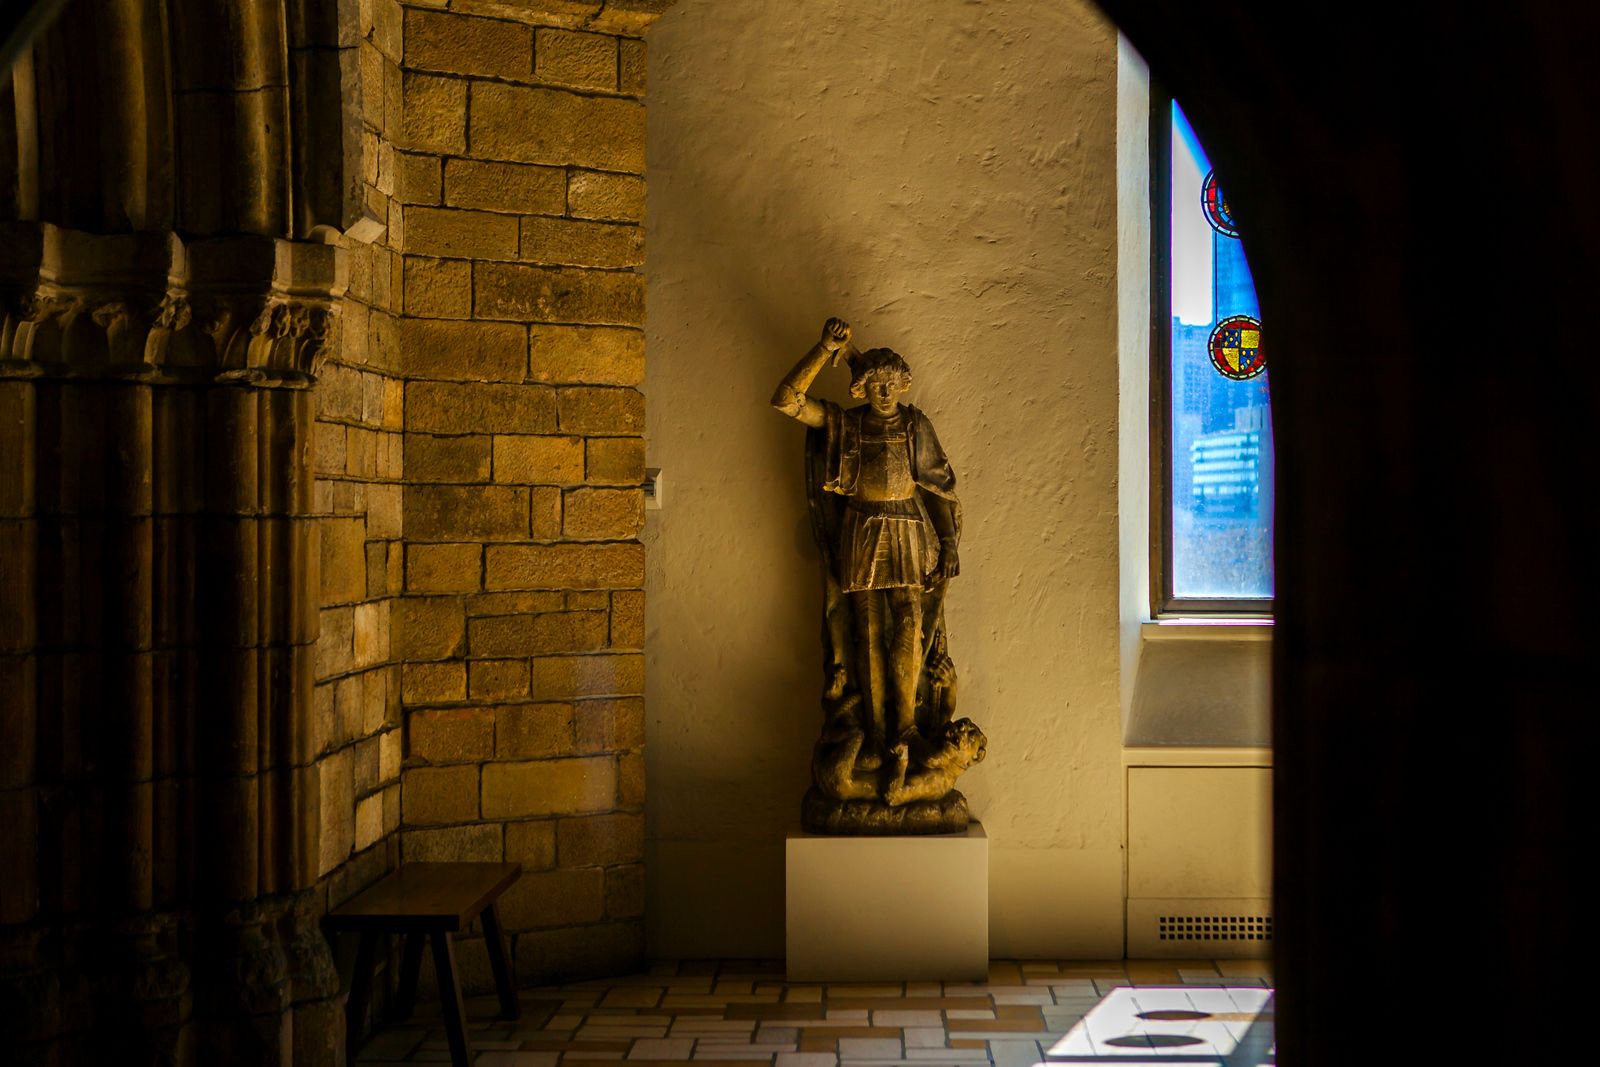 费城艺术馆,光影下的艺术品